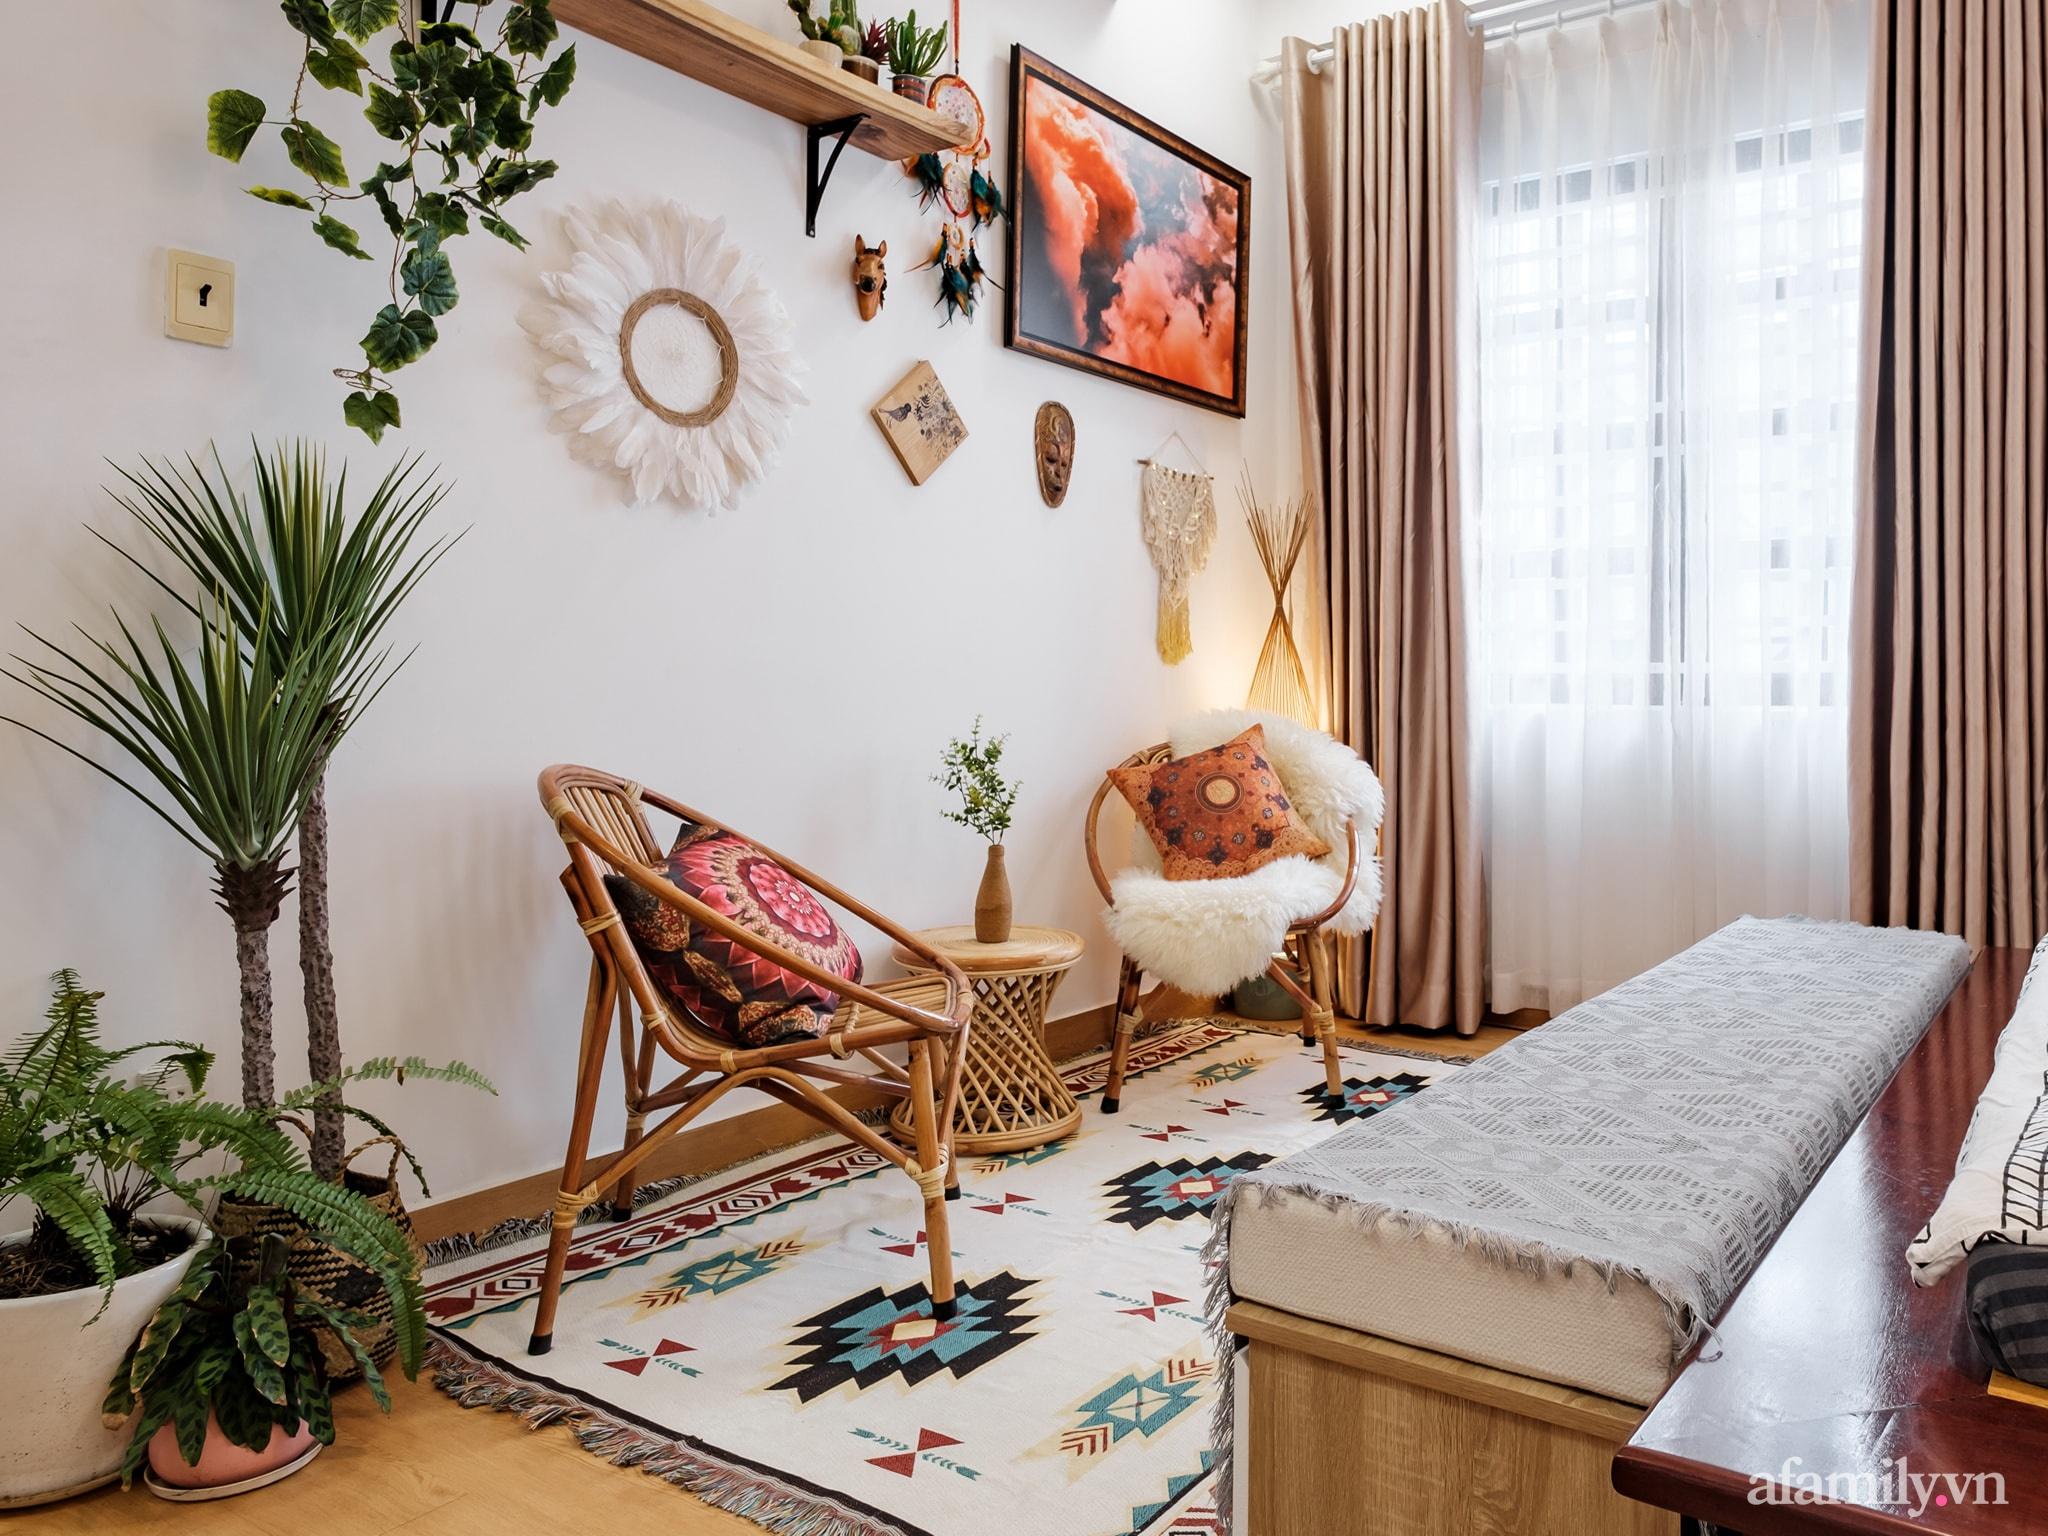 Cải tạo phòng ngủ cũ thành phòng tân hôn đẹp lãng mạn theo phong cách Boho với chi phí décor 50 triệu đồng ở Sài Gòn - Ảnh 11.